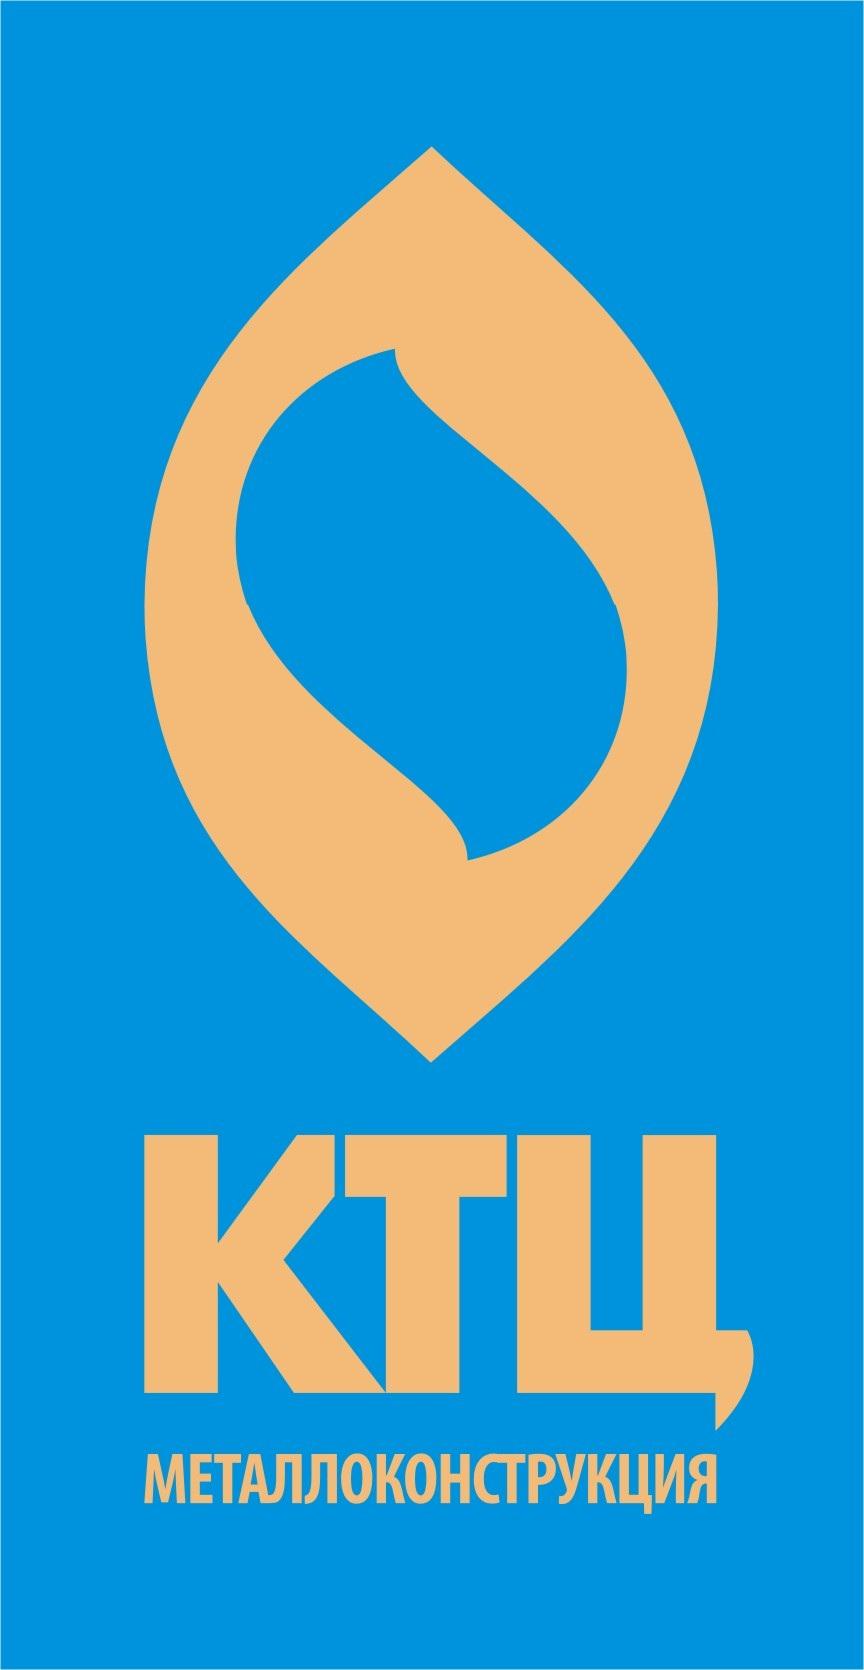 logo_ktc